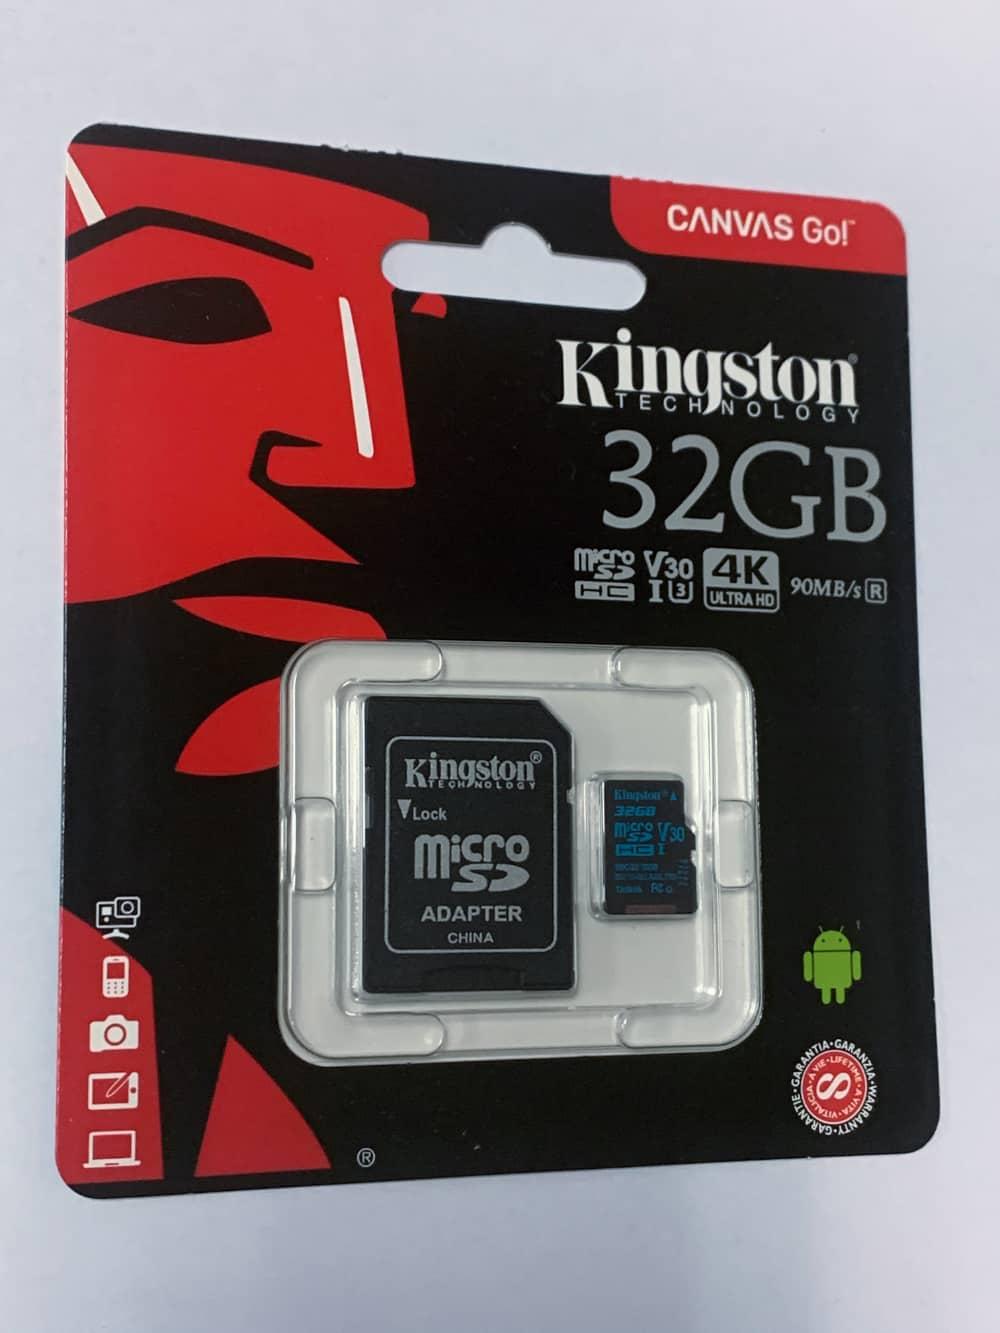 KINGSTON 32GB microSDHC karta CANVAS GO, Class U3 UHS-I V30 (čtení/zápis 90/45MB/s) + adaptér (SDCG2/32GB)